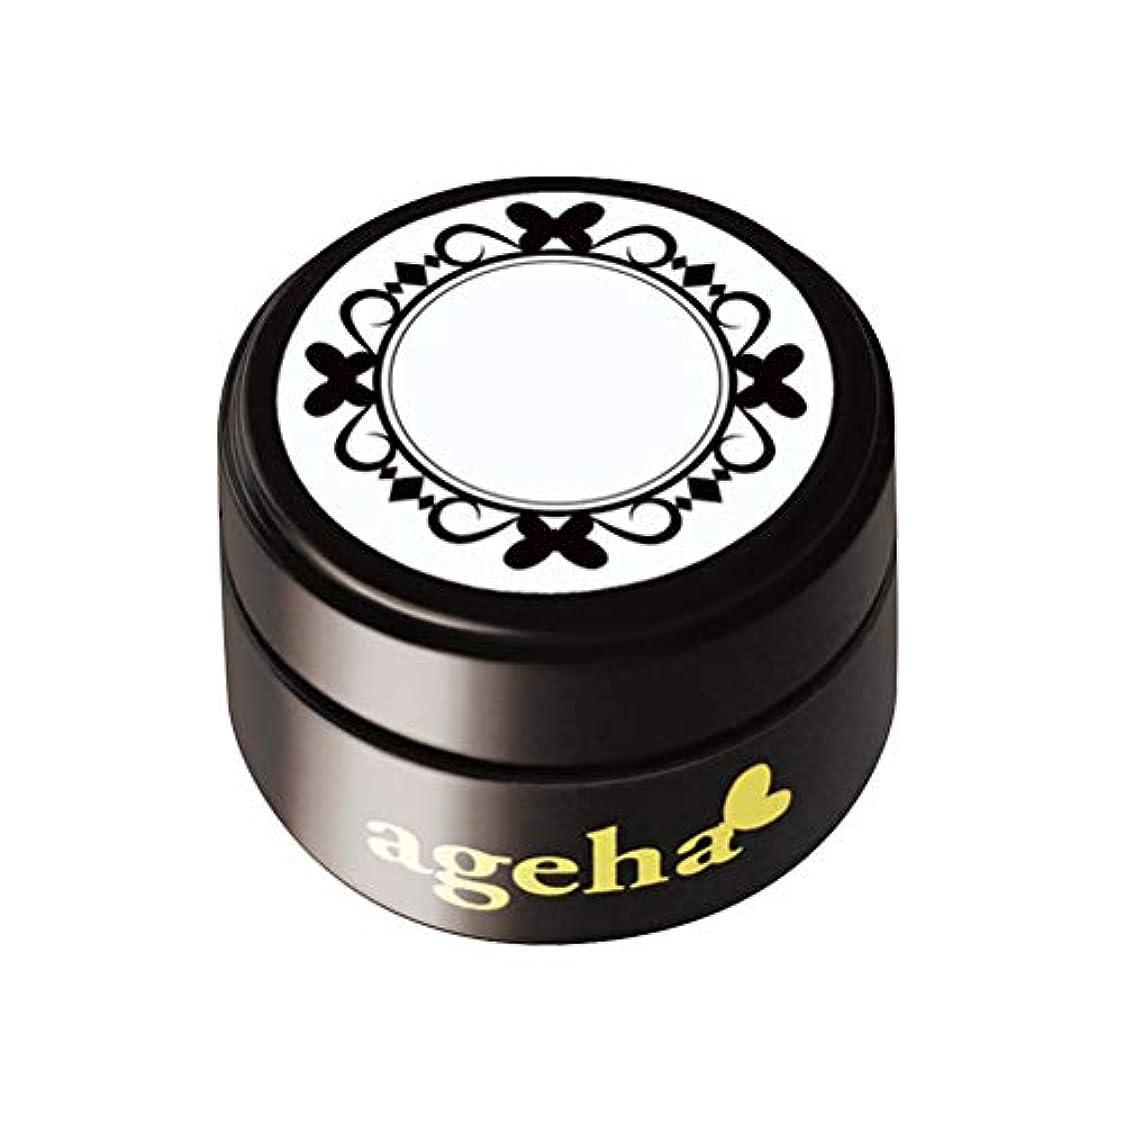 浸した減衰ピーブageha カラージェル コスメカラー 305 スカイブルーA マット 2.7g UV/LED対応